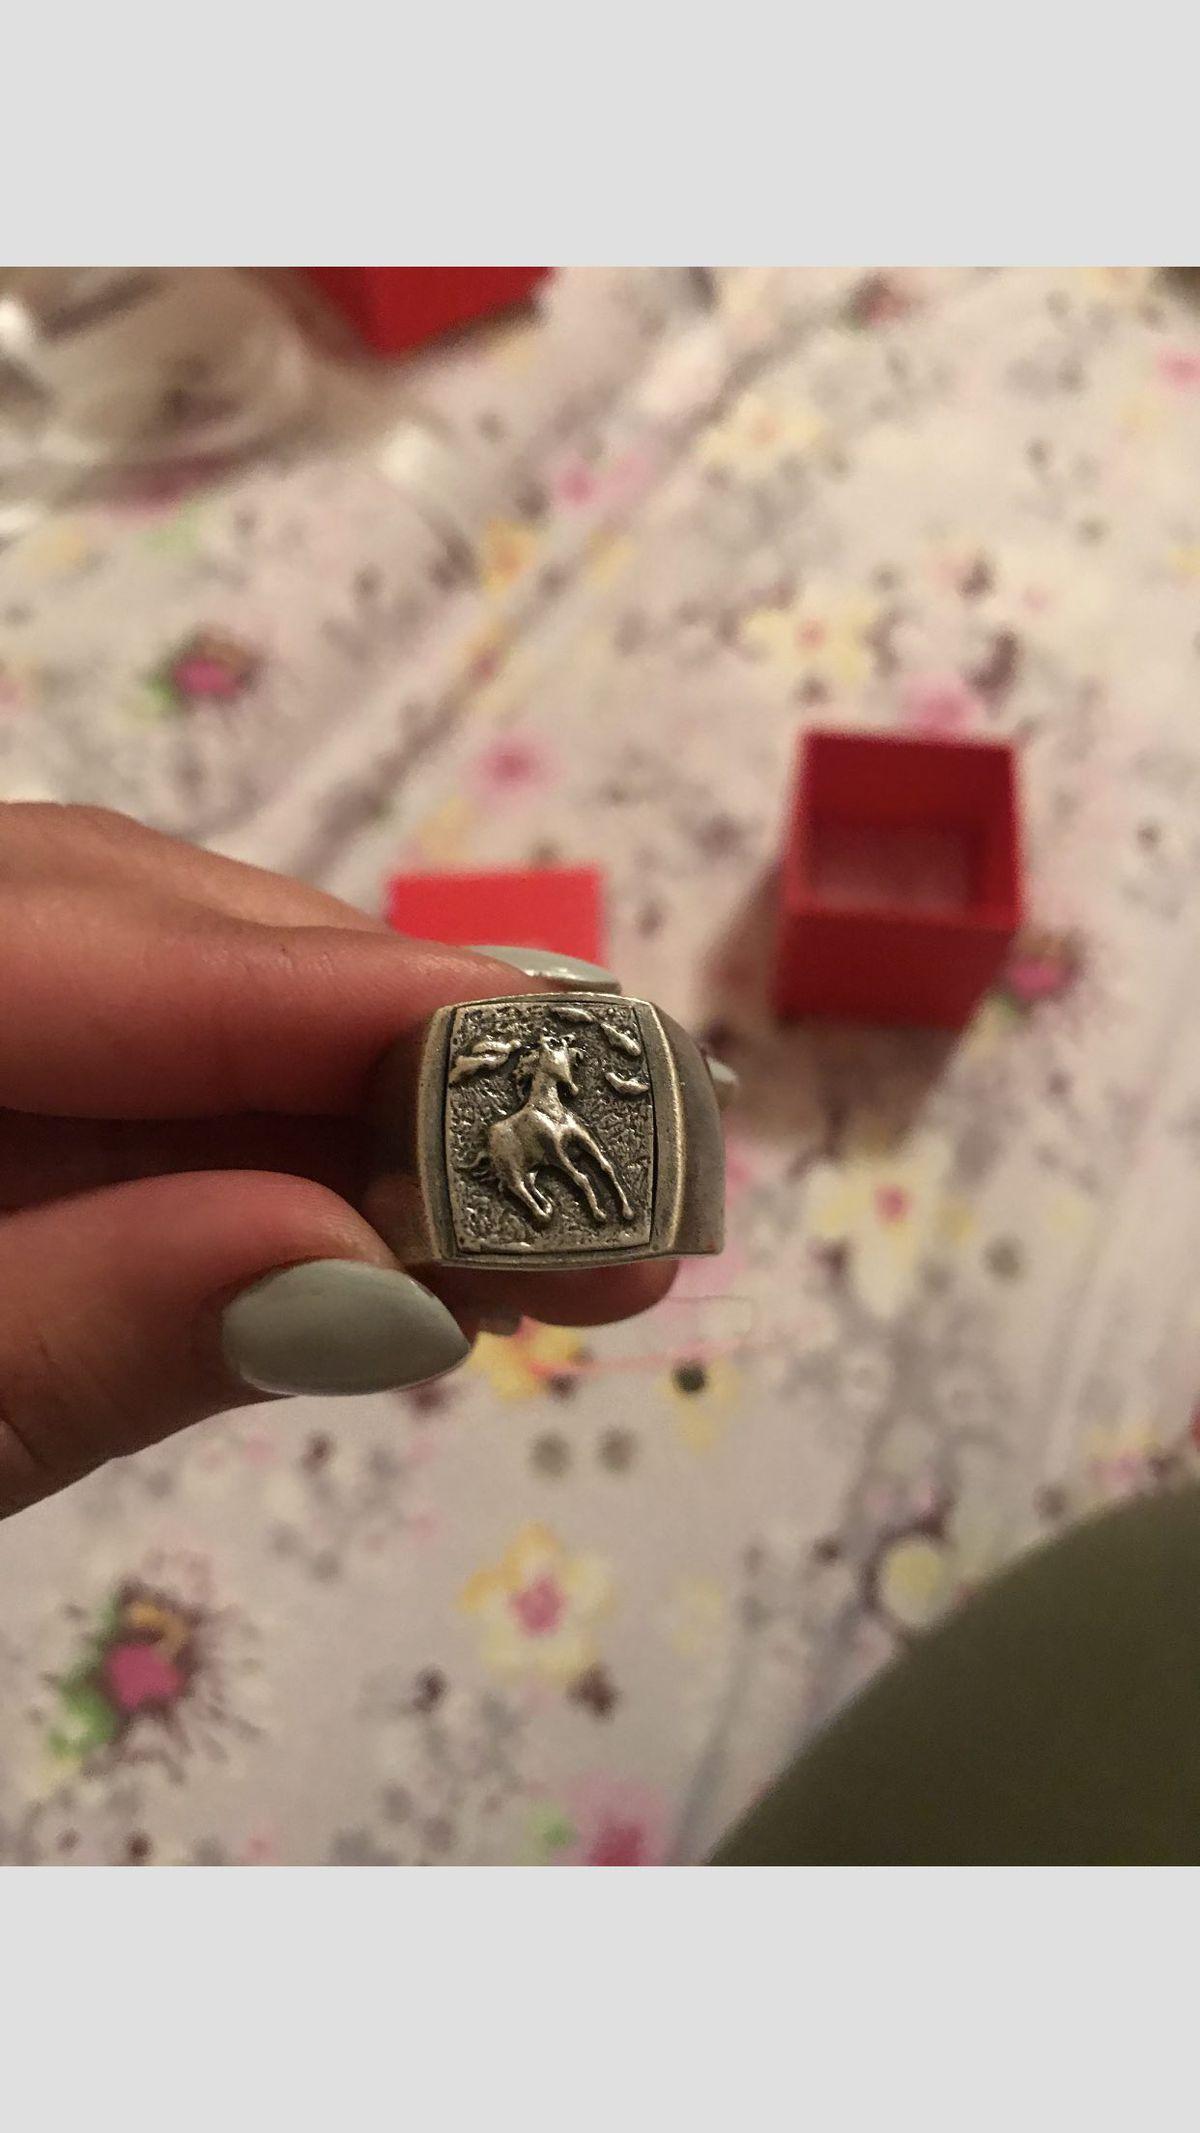 Кольцо серебряние и подарок